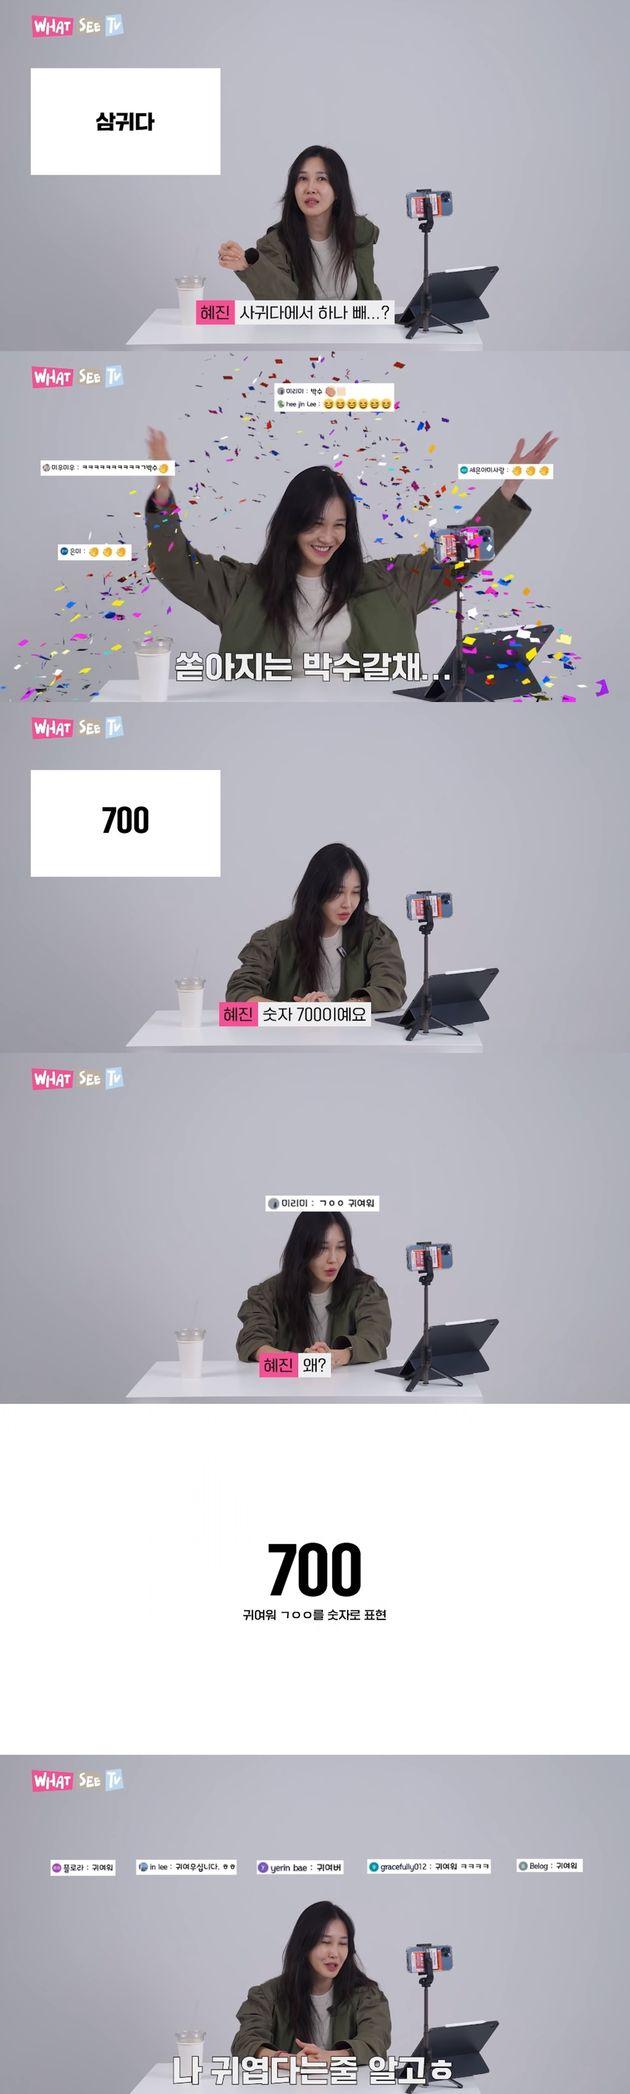 윤혜진 유튜브 영상